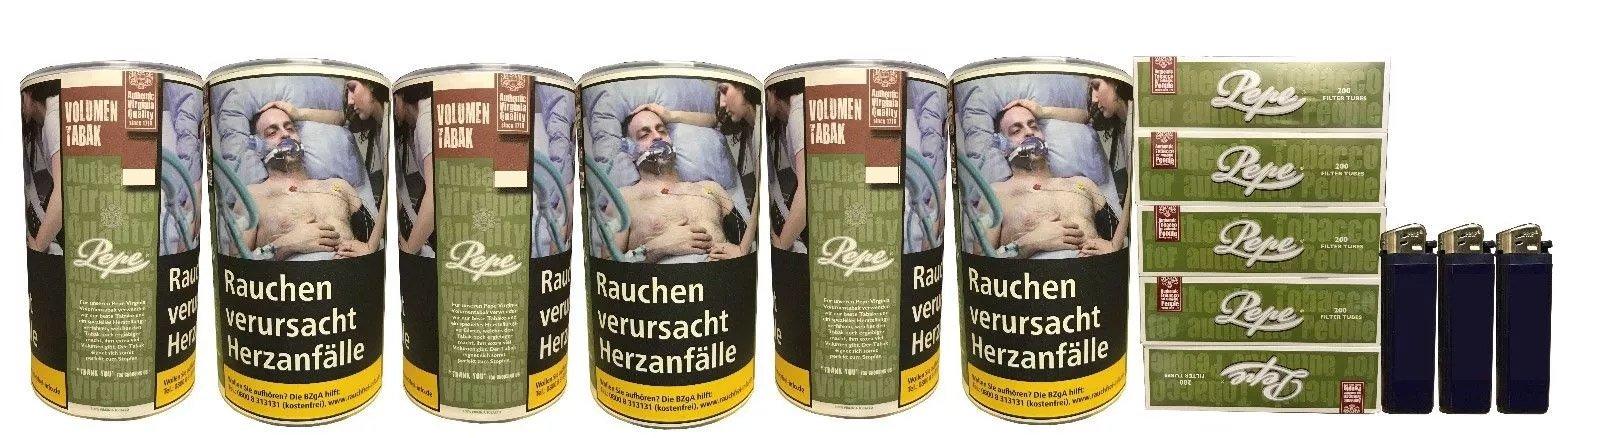 6x Pepe Rich Green Tabak / Volumentabak 85g + Hülsen und Feuerzeuge